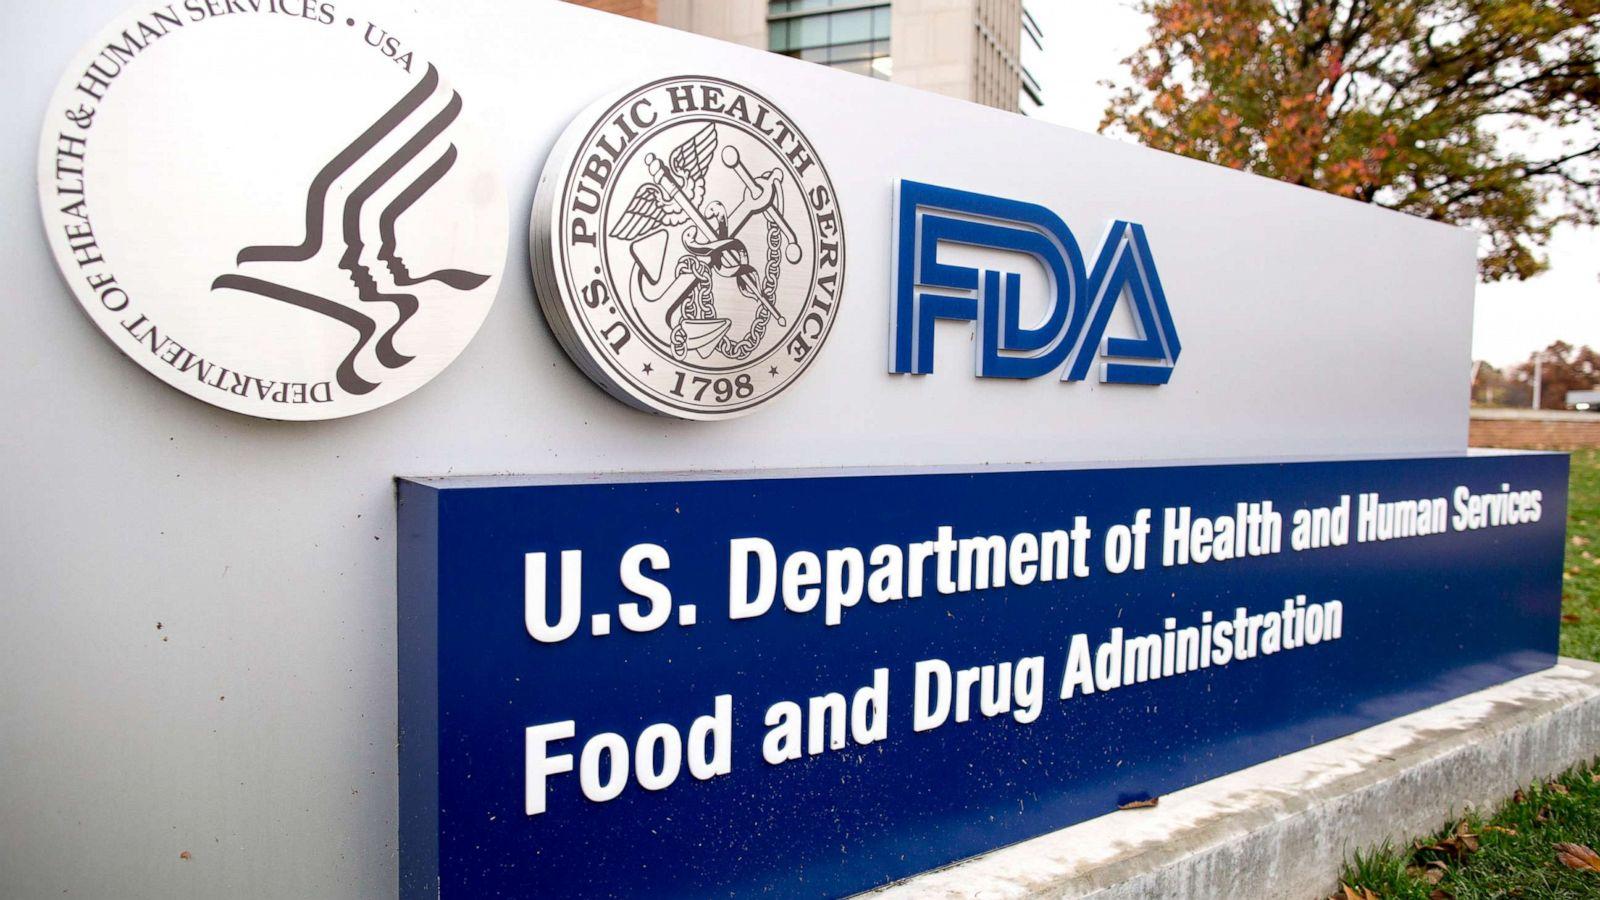 fda - تیم مشاوران واکسن FDA در ماه دسامبر جلسه تشکیل می دهد